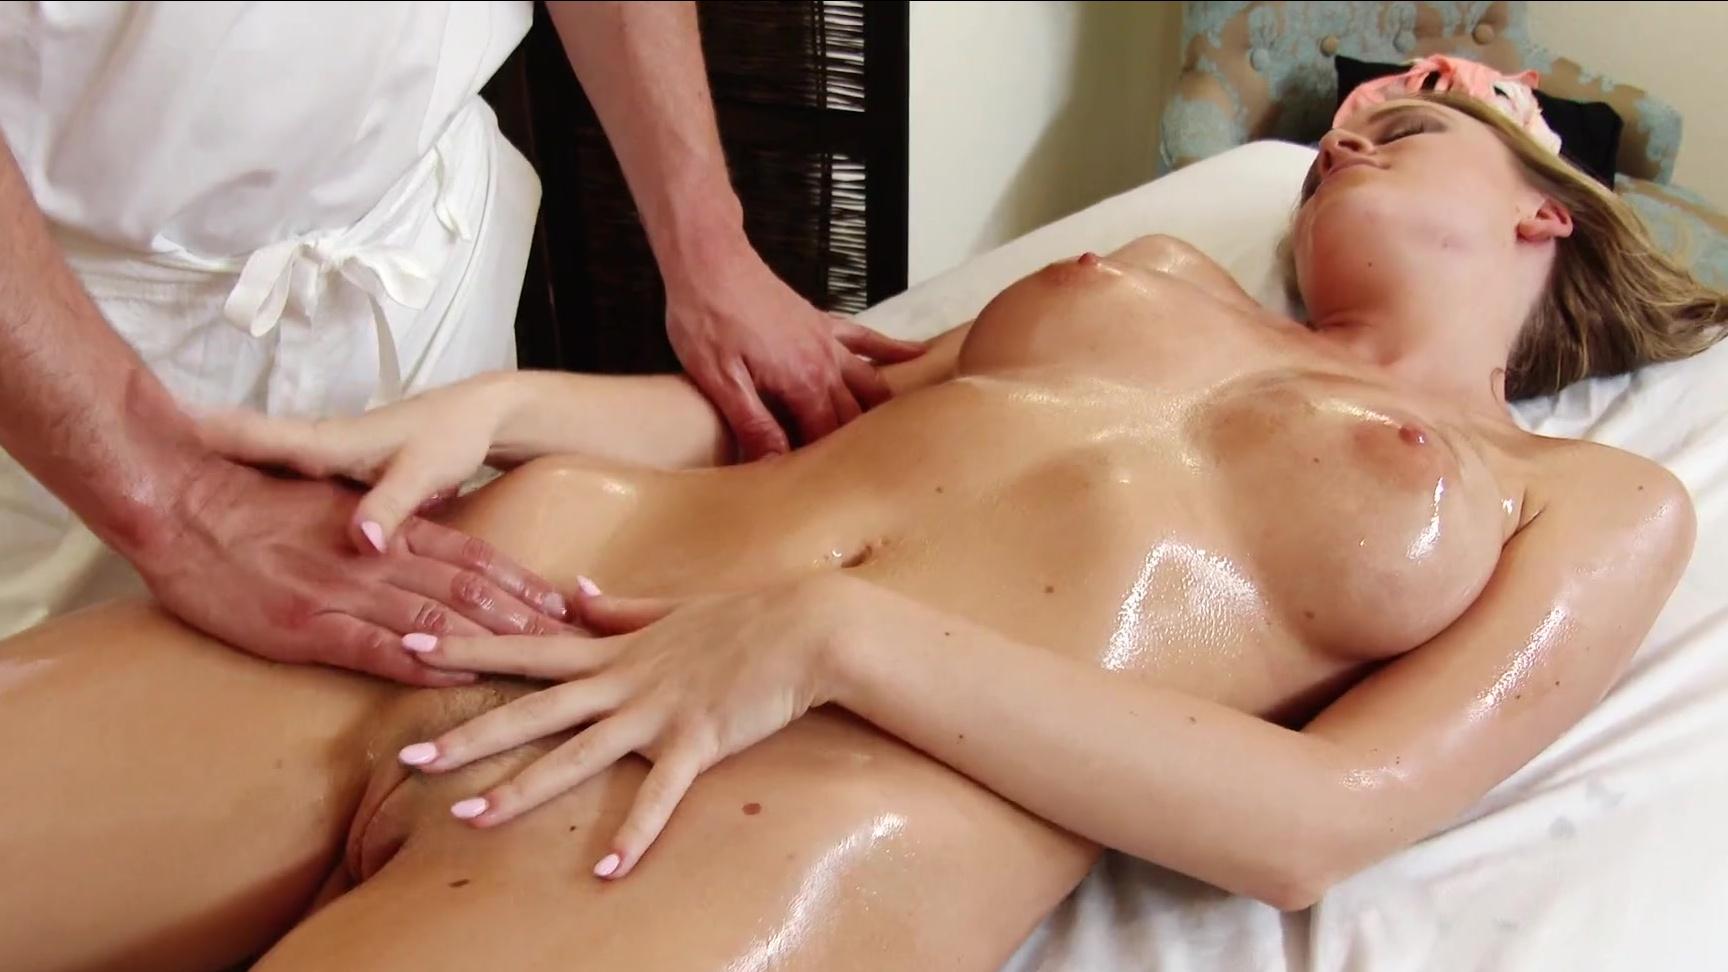 devushku-saune-zhenskiy-orgazm-ot-massazha-devushki-more-erotika